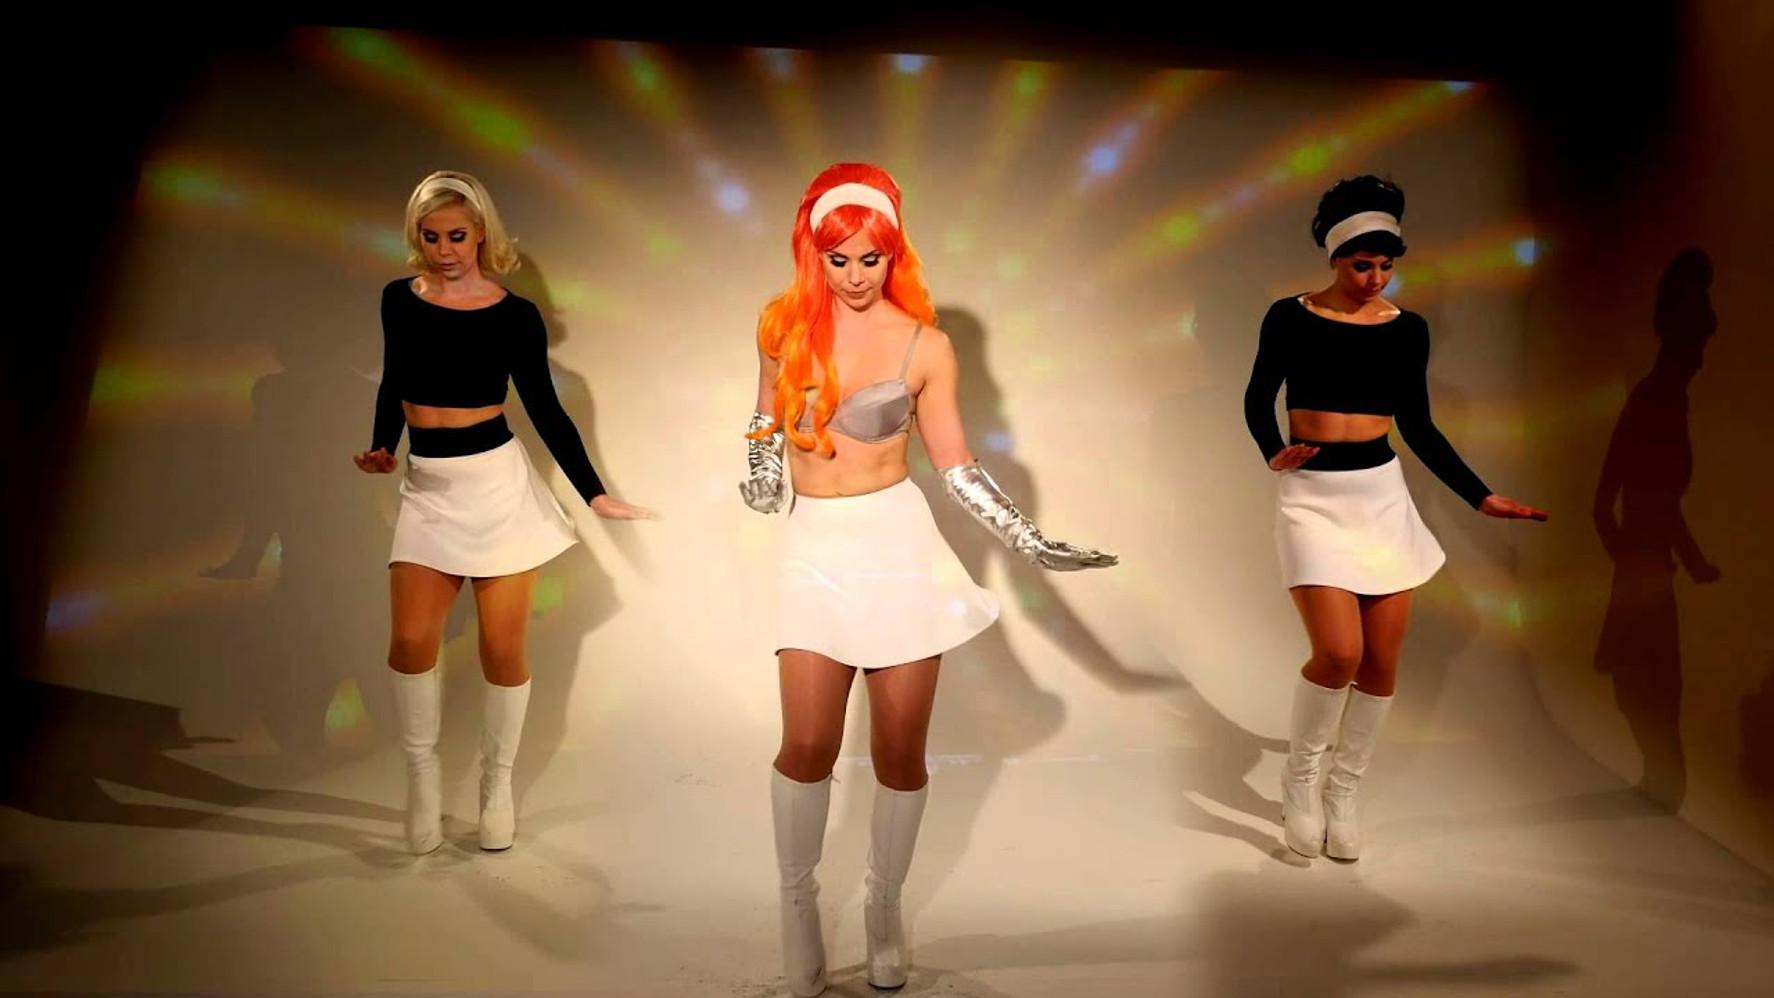 Music Video - Zu zu zu zu